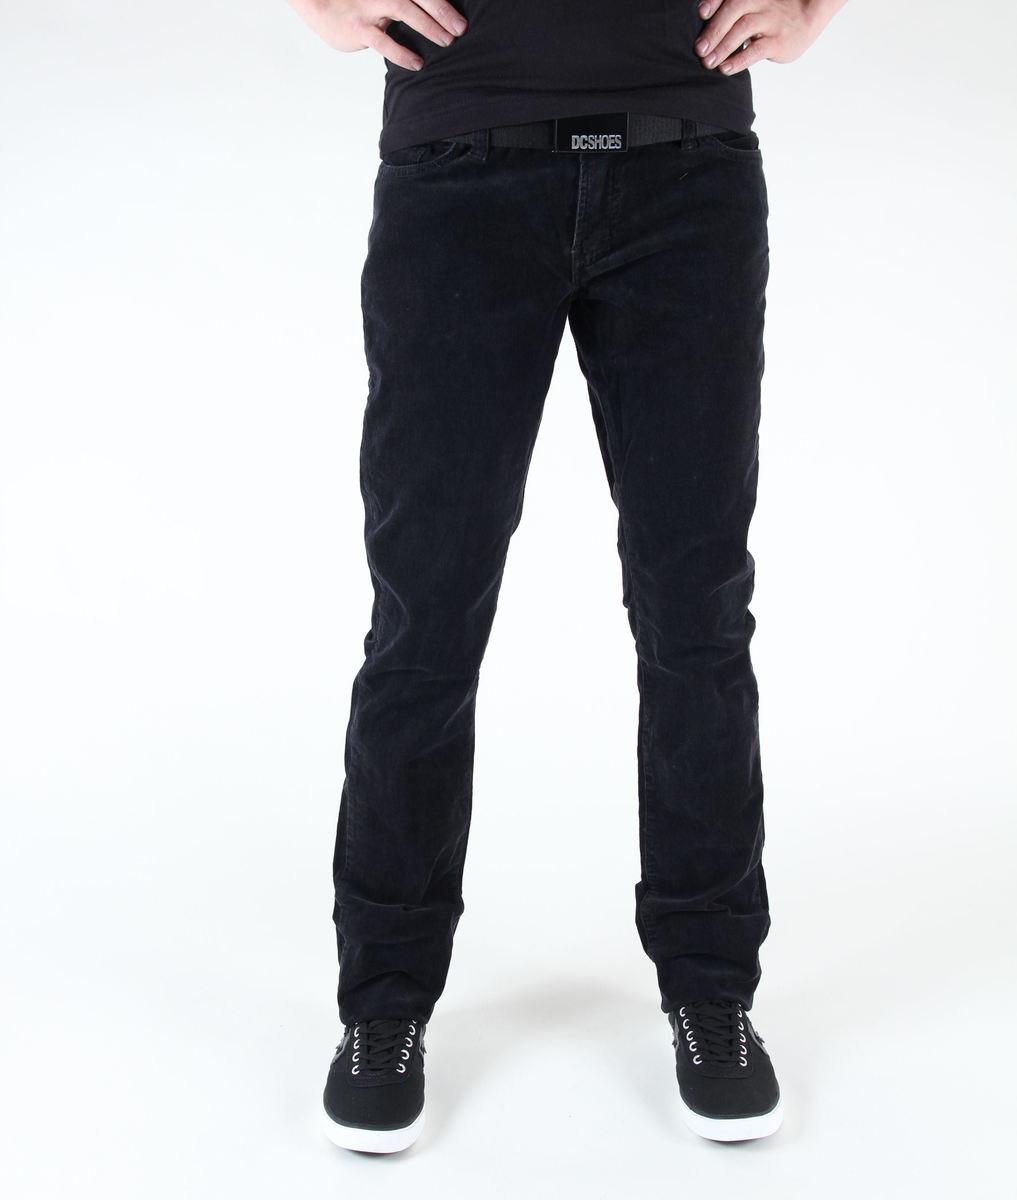 kalhoty dámské ETNIES - Magnolia - Black